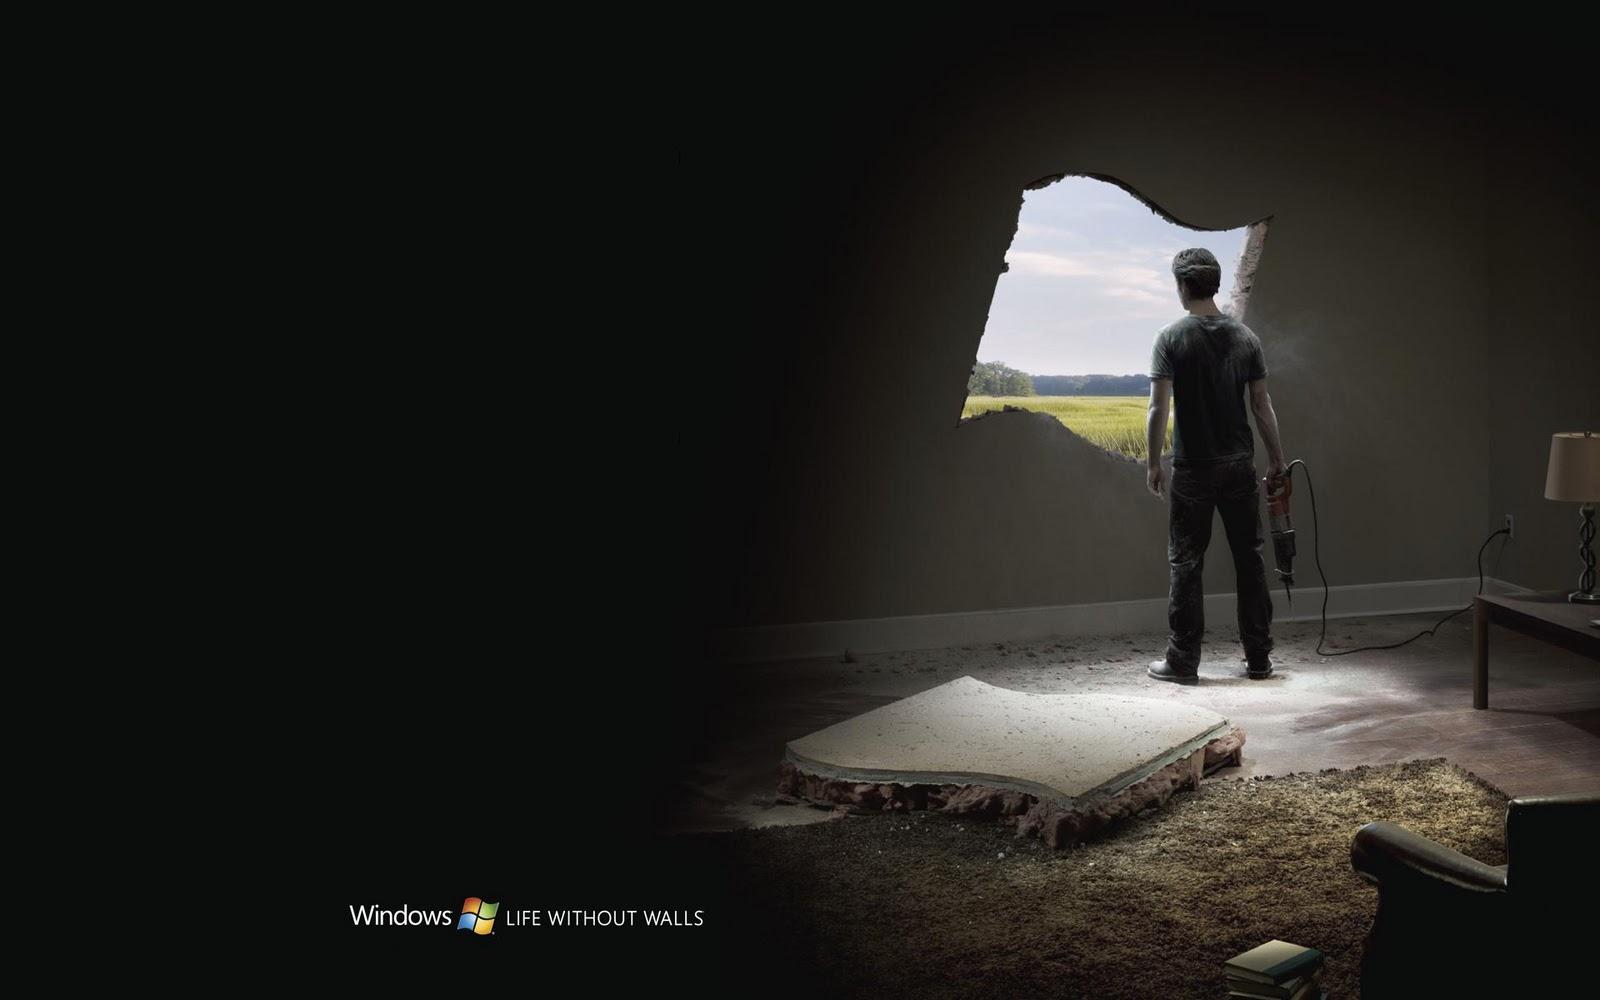 https://4.bp.blogspot.com/-ZGz27LtZlN8/T-xDf0PPj_I/AAAAAAAAAO0/_O88J-sZYkU/s1600/the-desktop-hd-Windows-7-Black-wallpapers%20(4).jpg